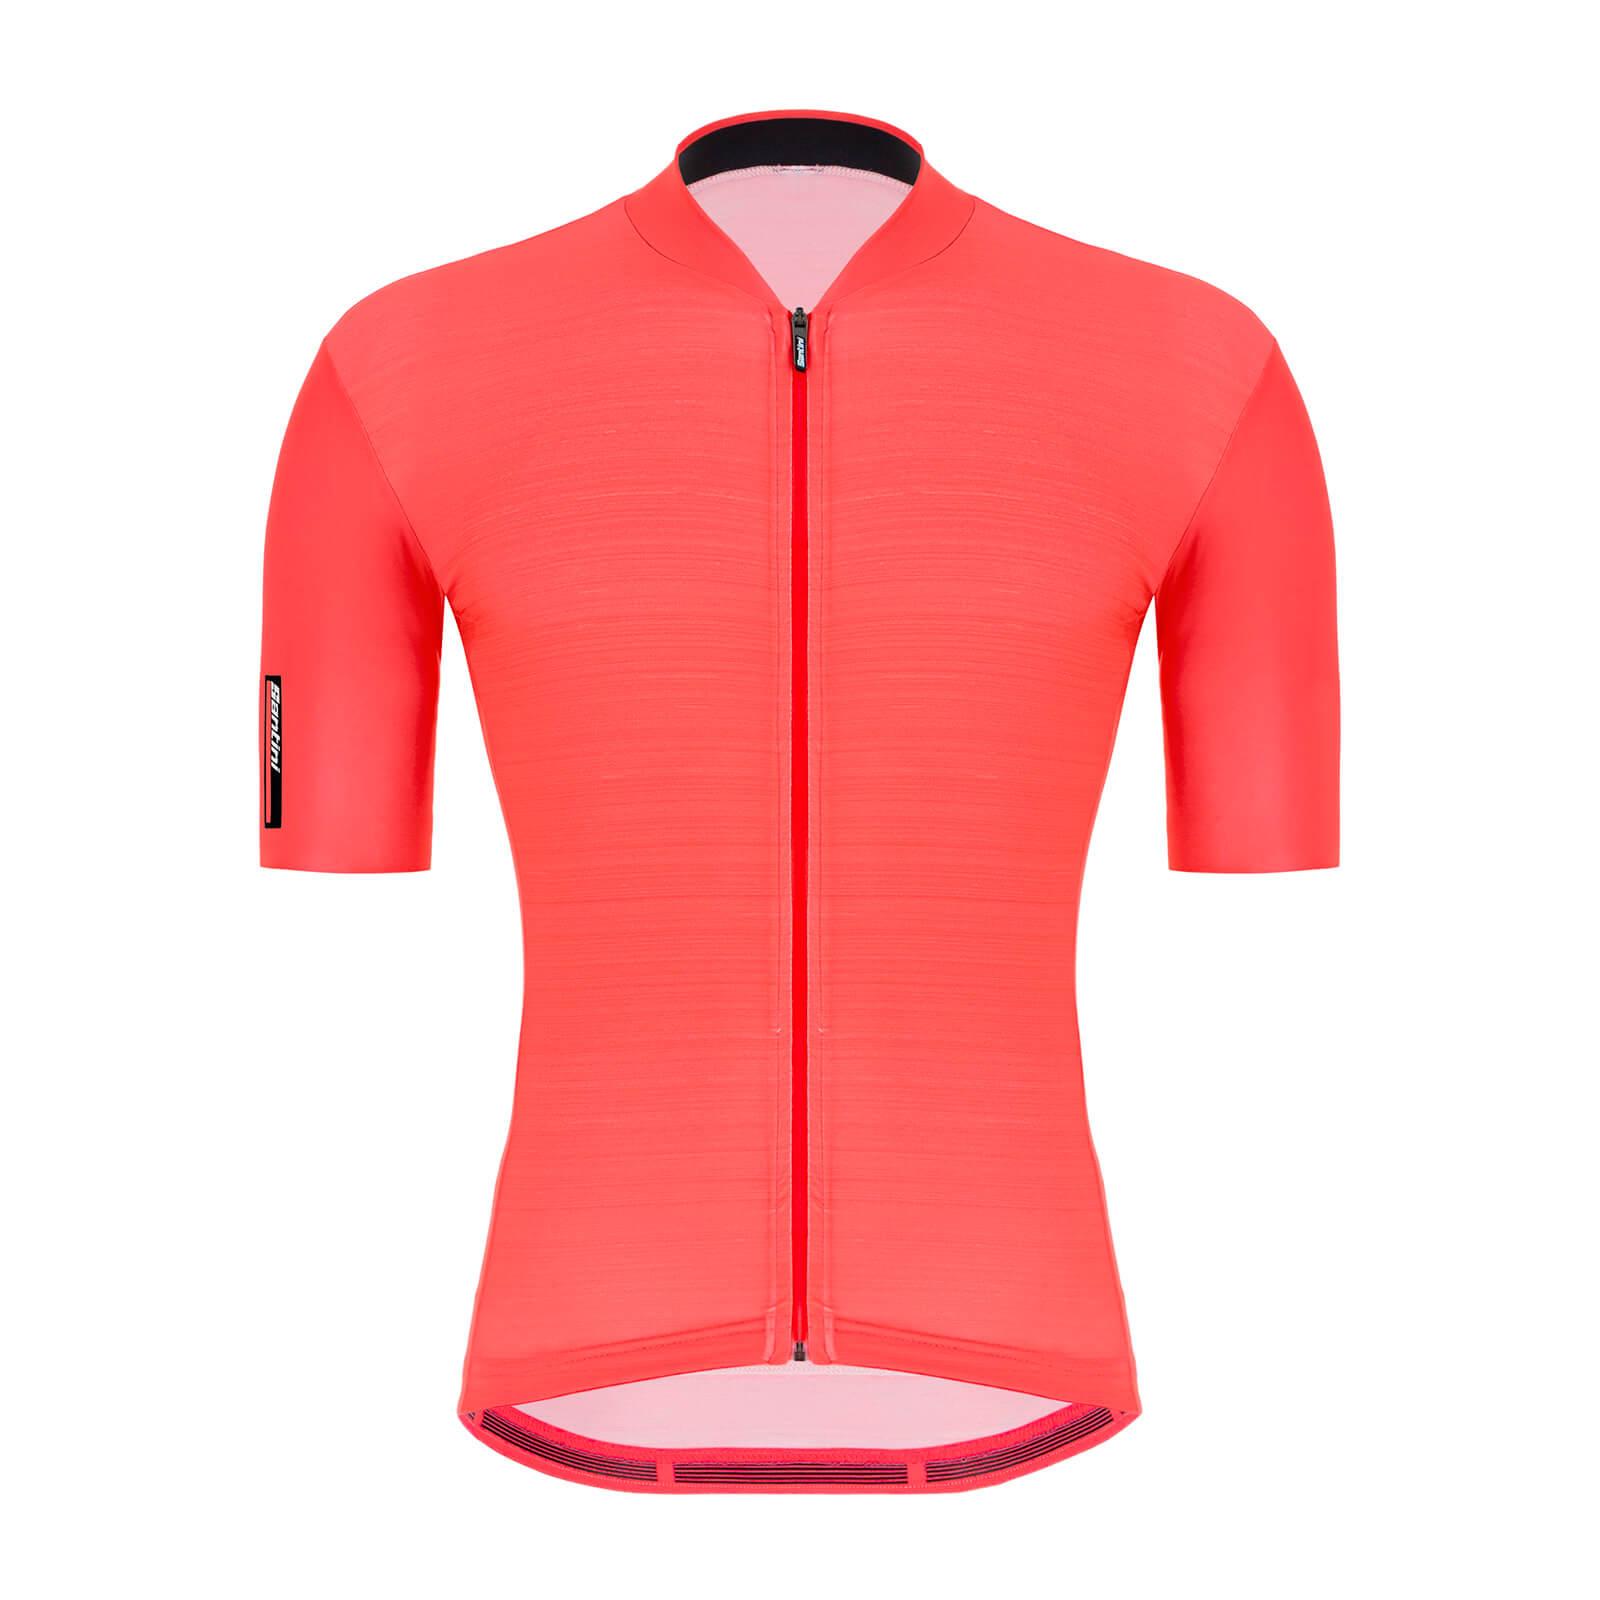 Santini Colore Jersey - M - Granatina Orange